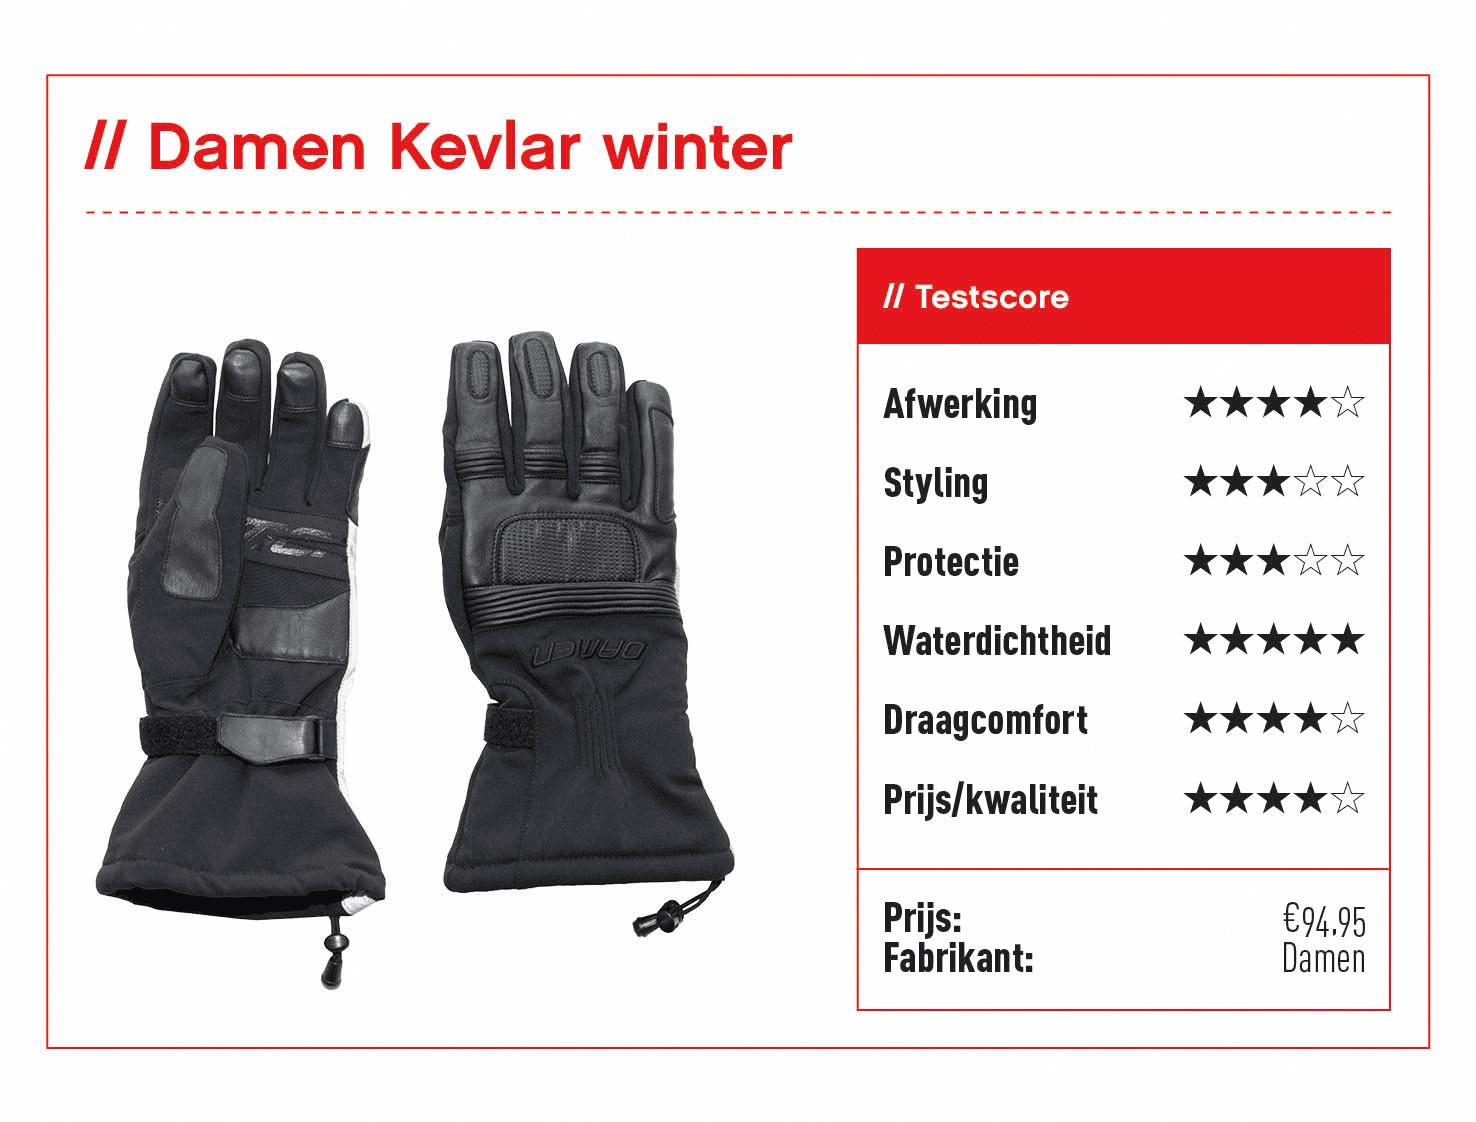 Damen Kevlar Winter handschoenen met score